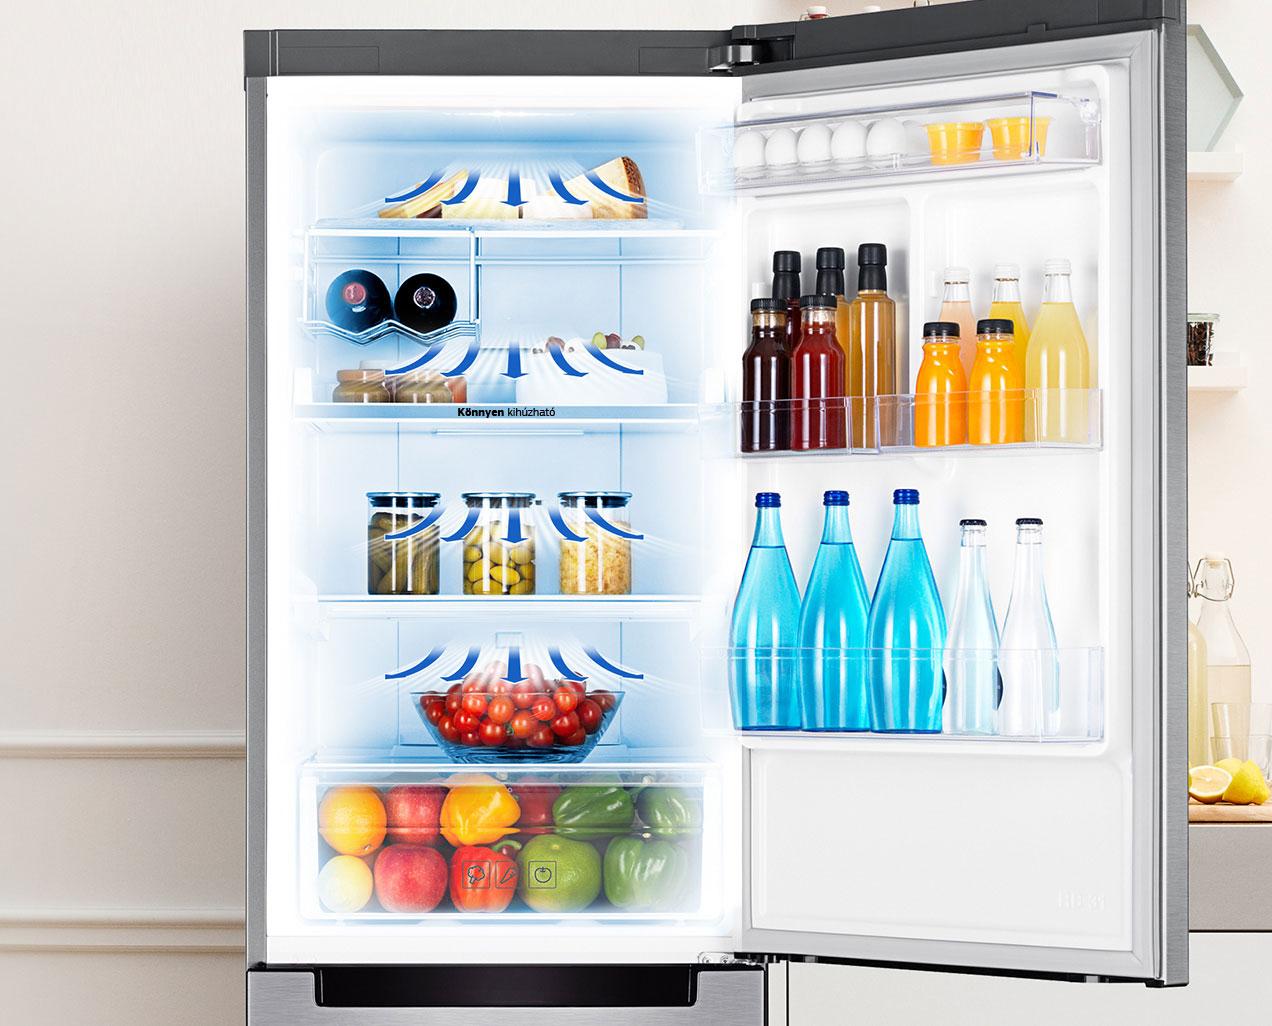 Samsung Kühl-/Gefrierkombination 367l mit extra dünnen Außenwänden, Digital Inverter Kompressor, Total NoFrost und Multi AirFlow